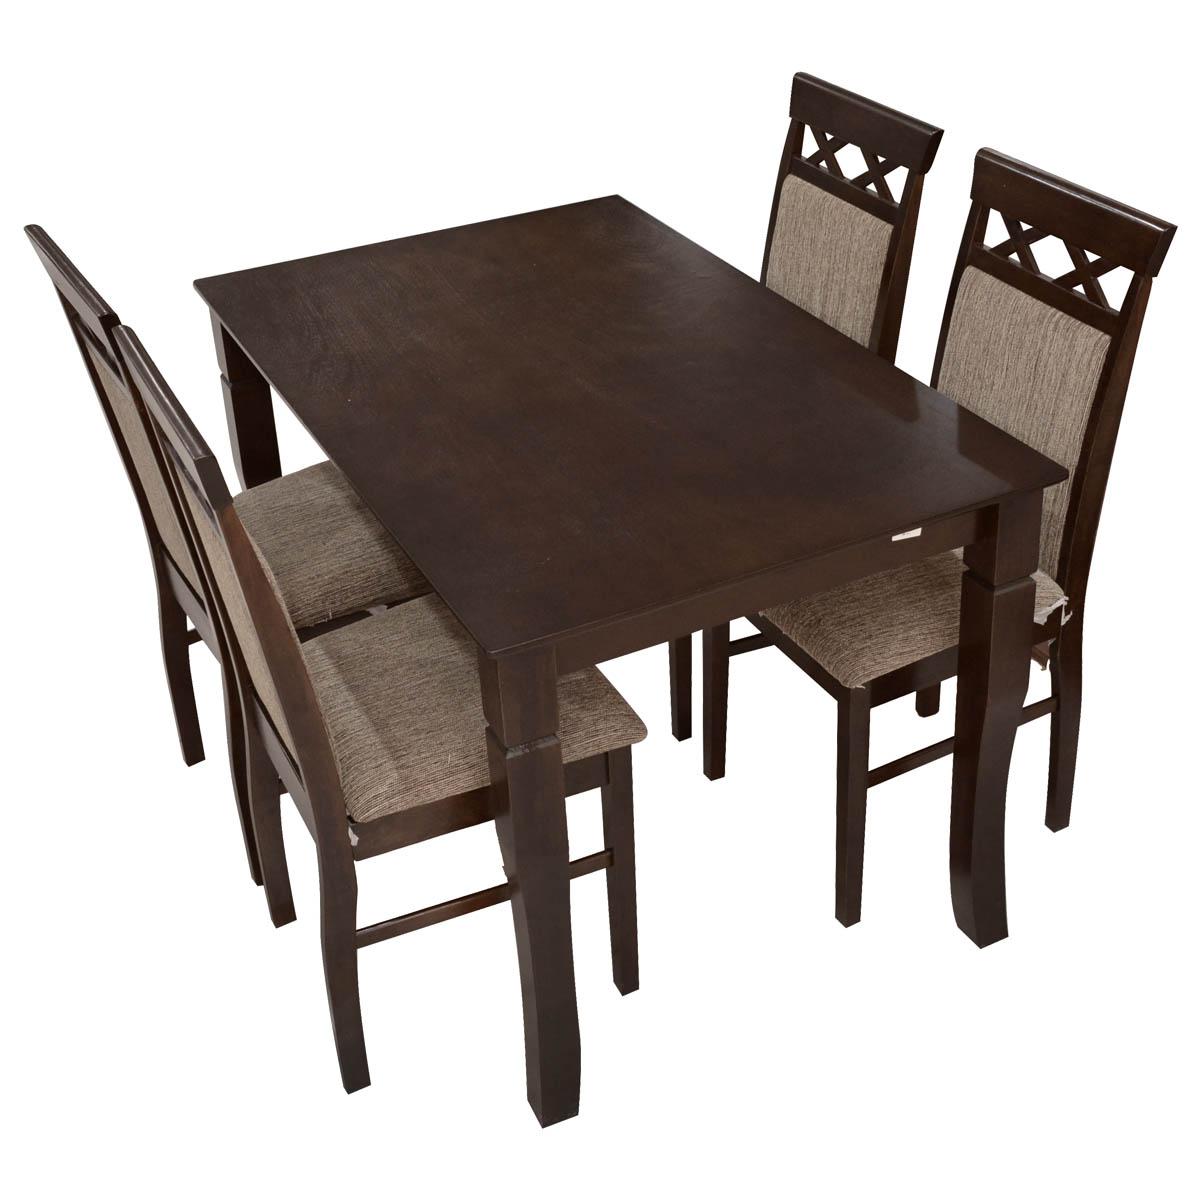 طاولة طعام خشبية مع  4 كرسي  - لون بني - ماليزي